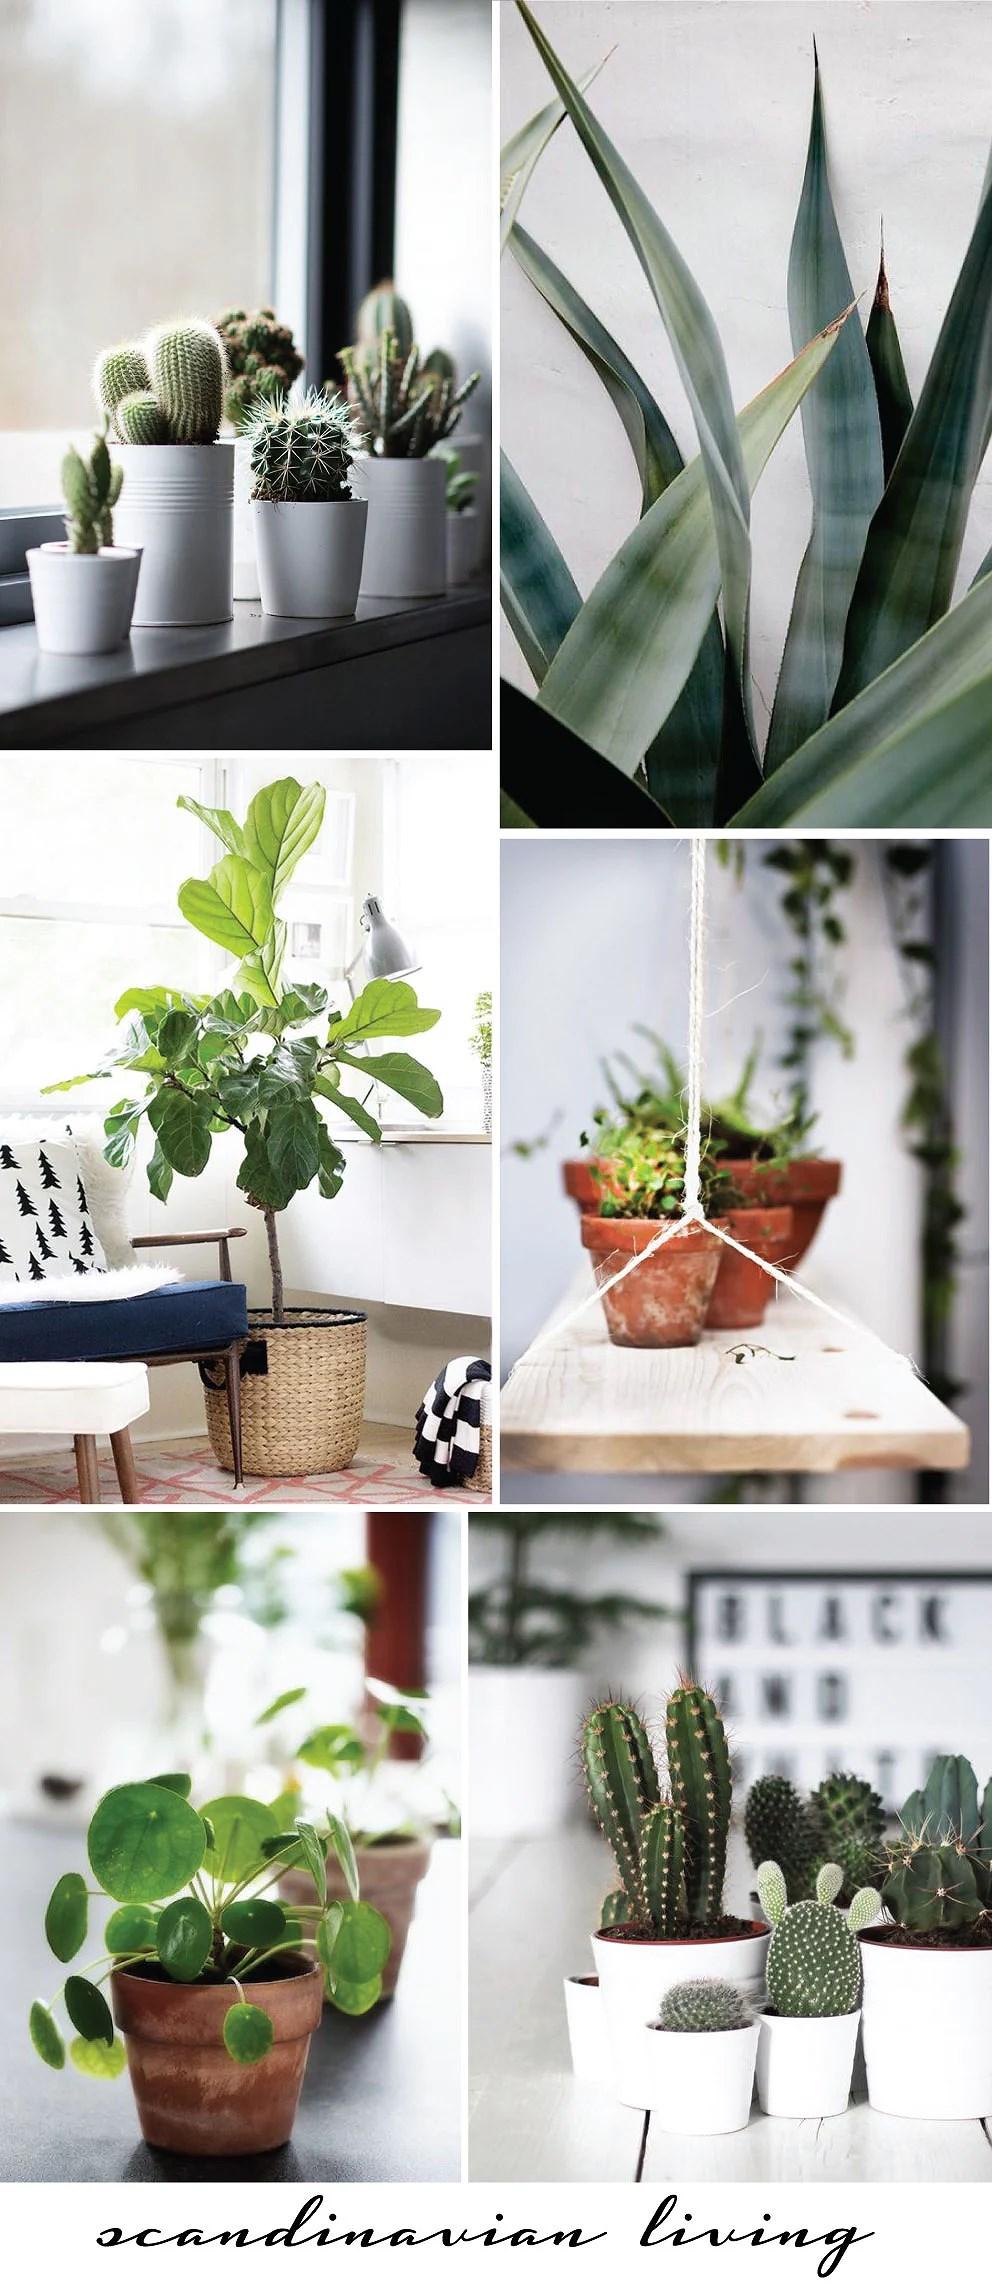 Grønne planter, Grønne planter i indretningen, Indretning, Bolig, Boliginspiration, Julie Mænnchen, It's My Passions, Aalborg boligblogger